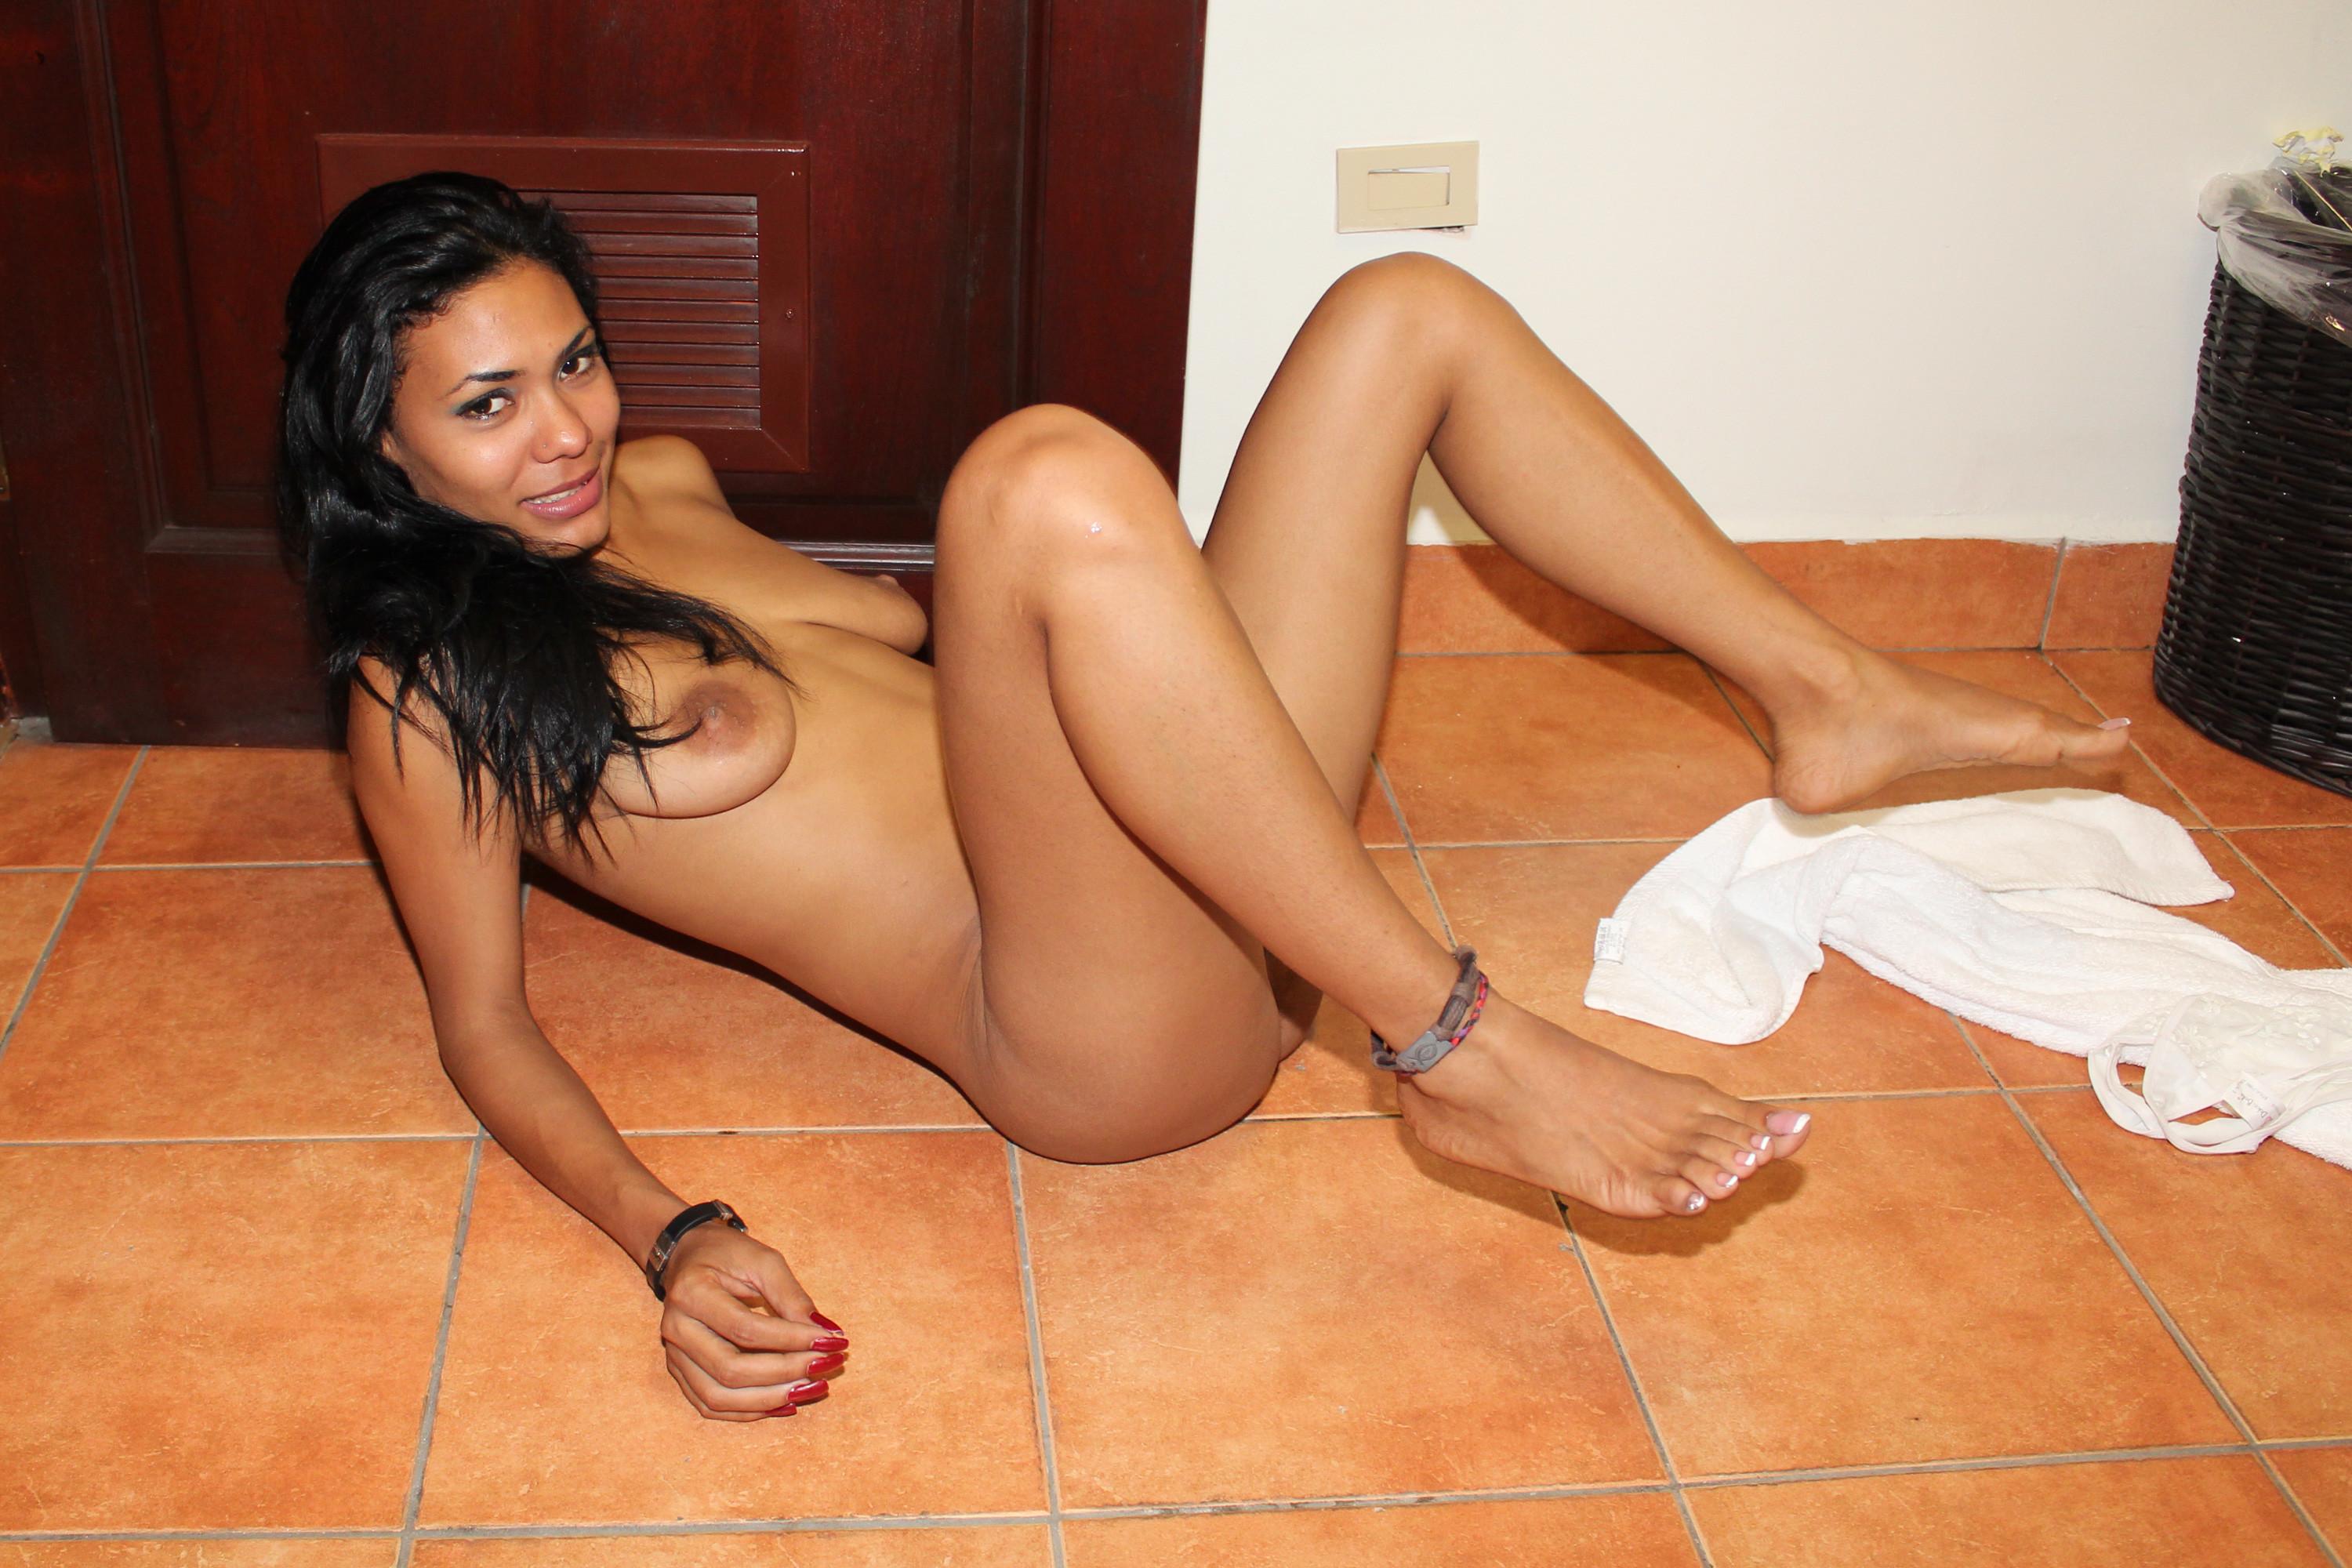 hot-naked-prostitute-girl